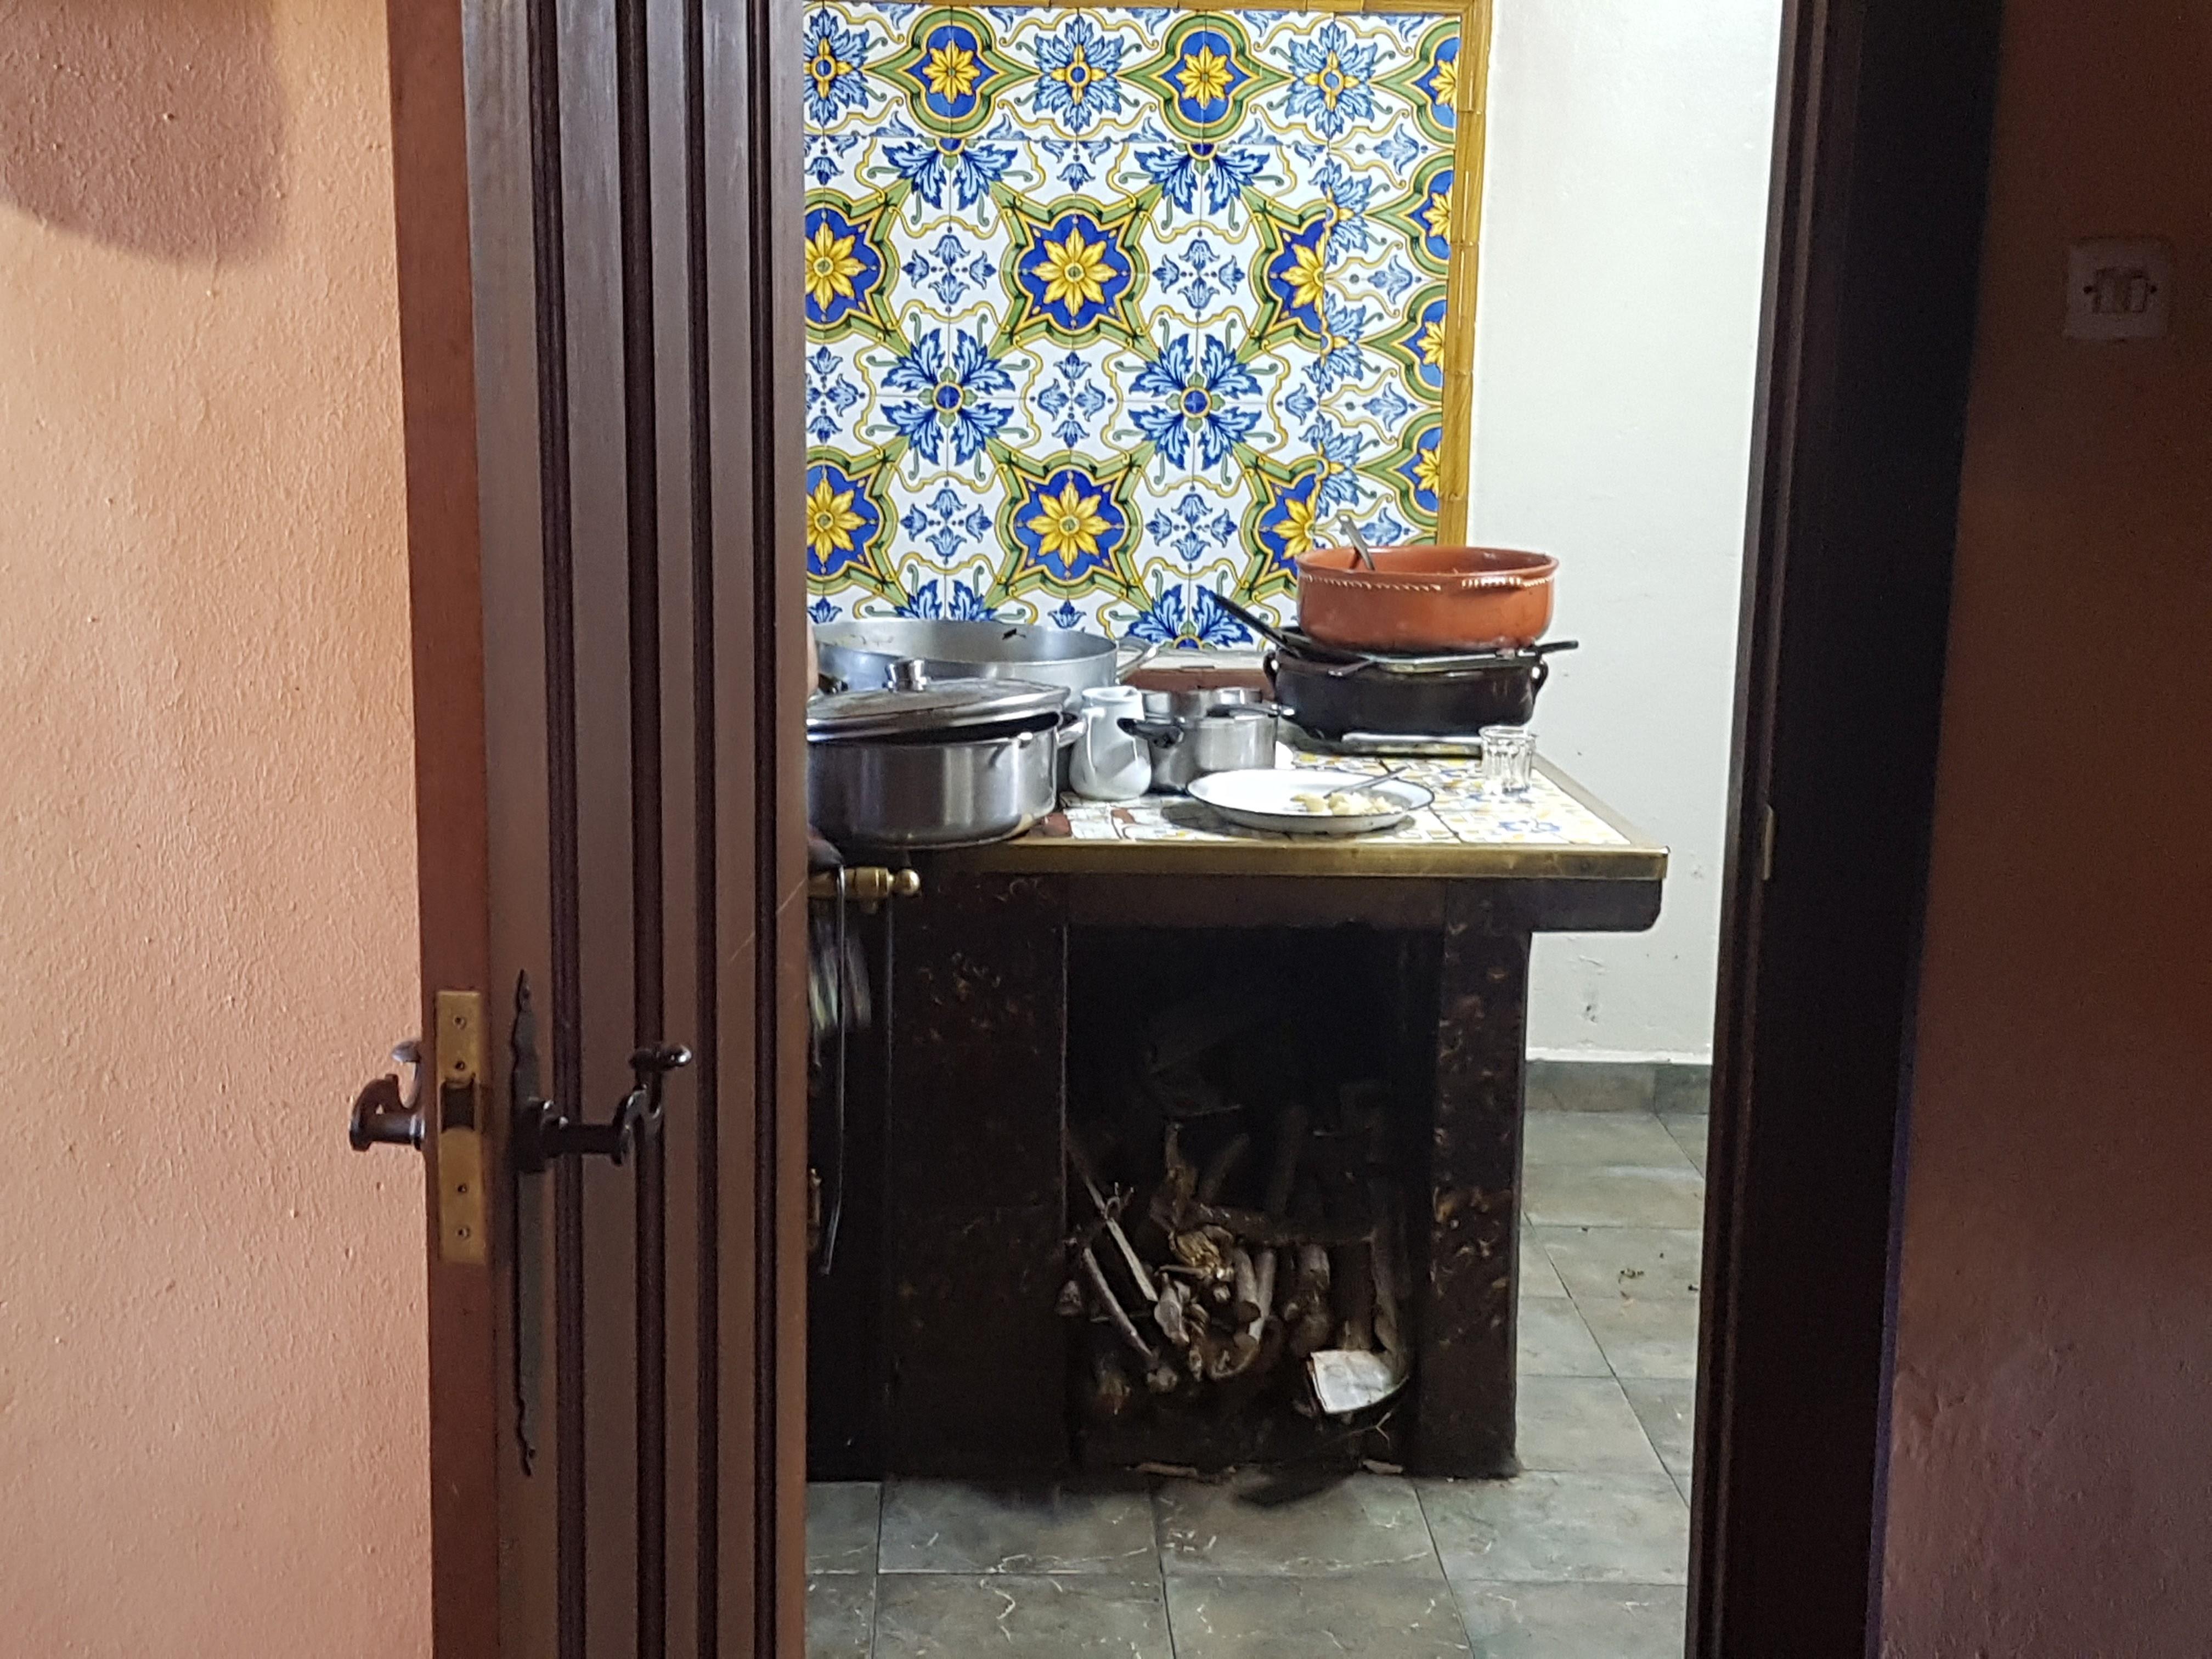 Vista de la cocina desde el pasillo de entrada al comedor